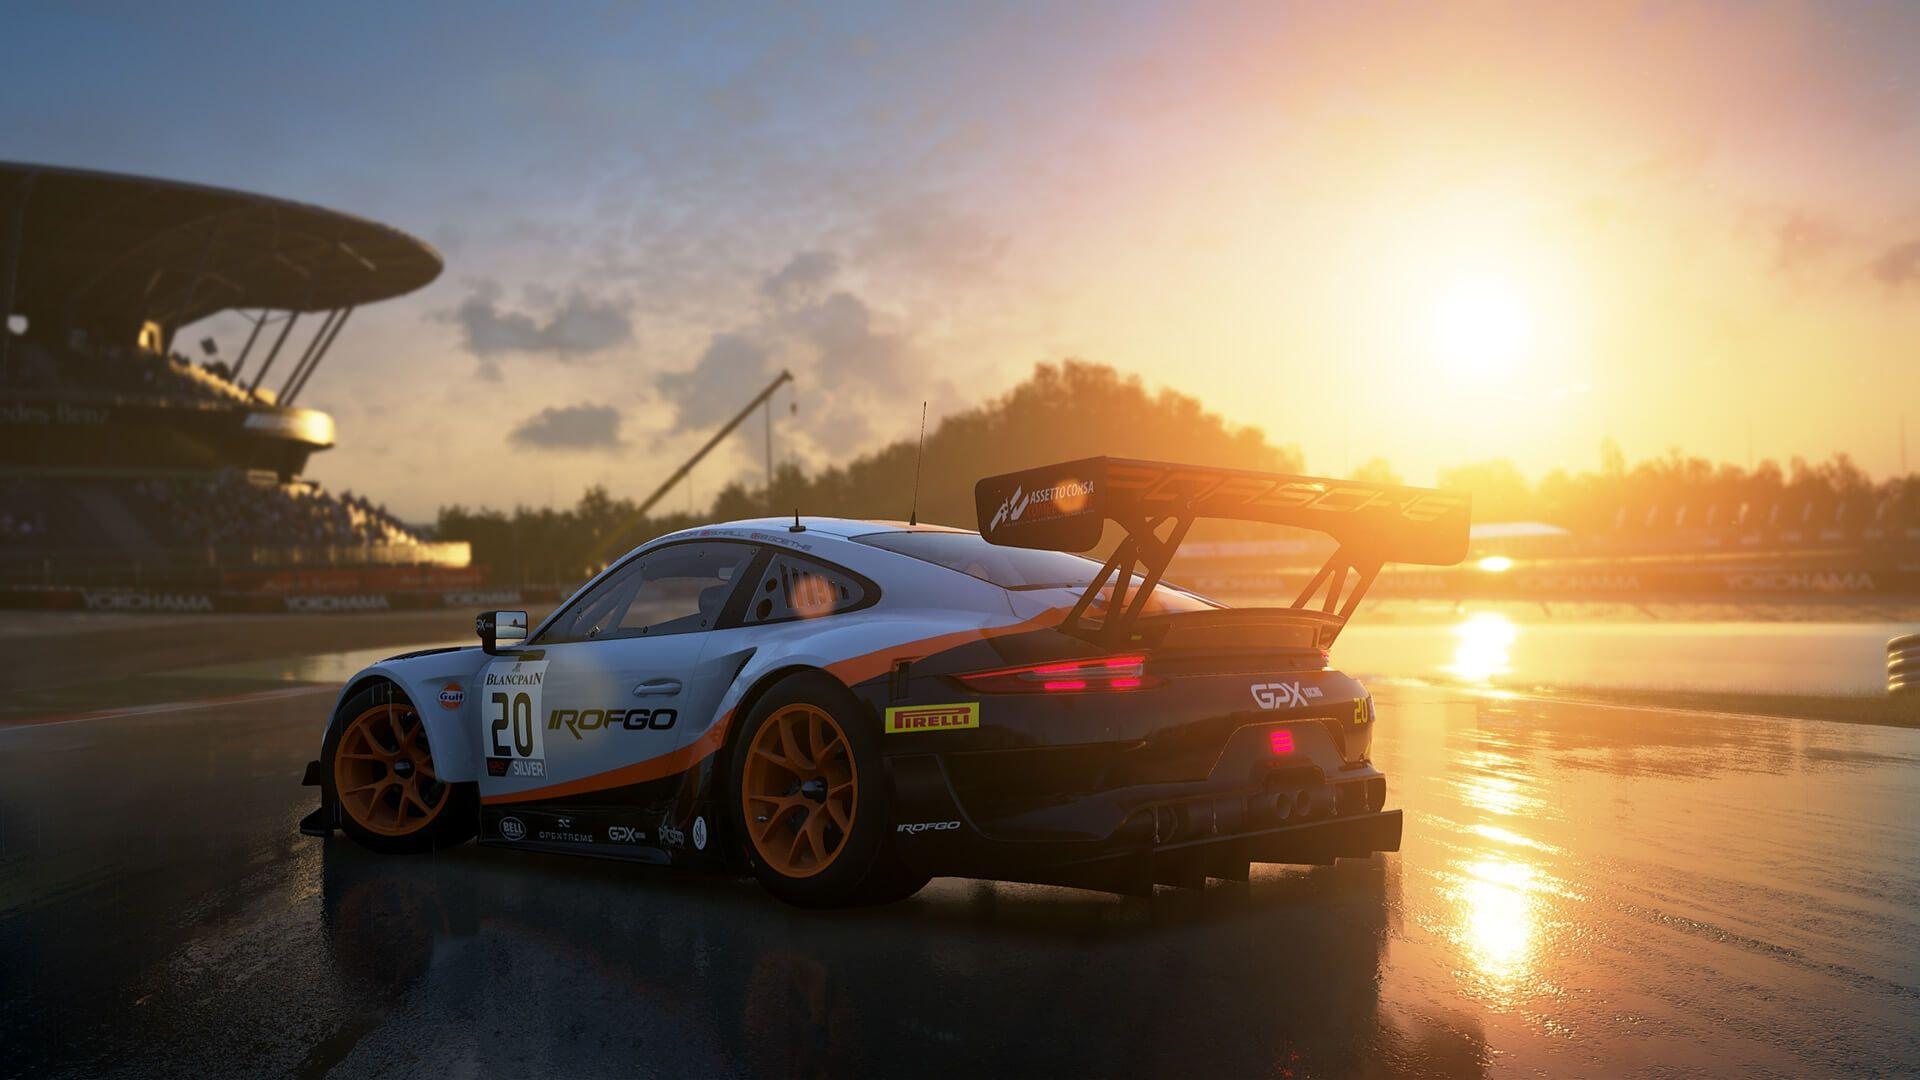 Assetto Corsa: Competizione (PS4) - 3